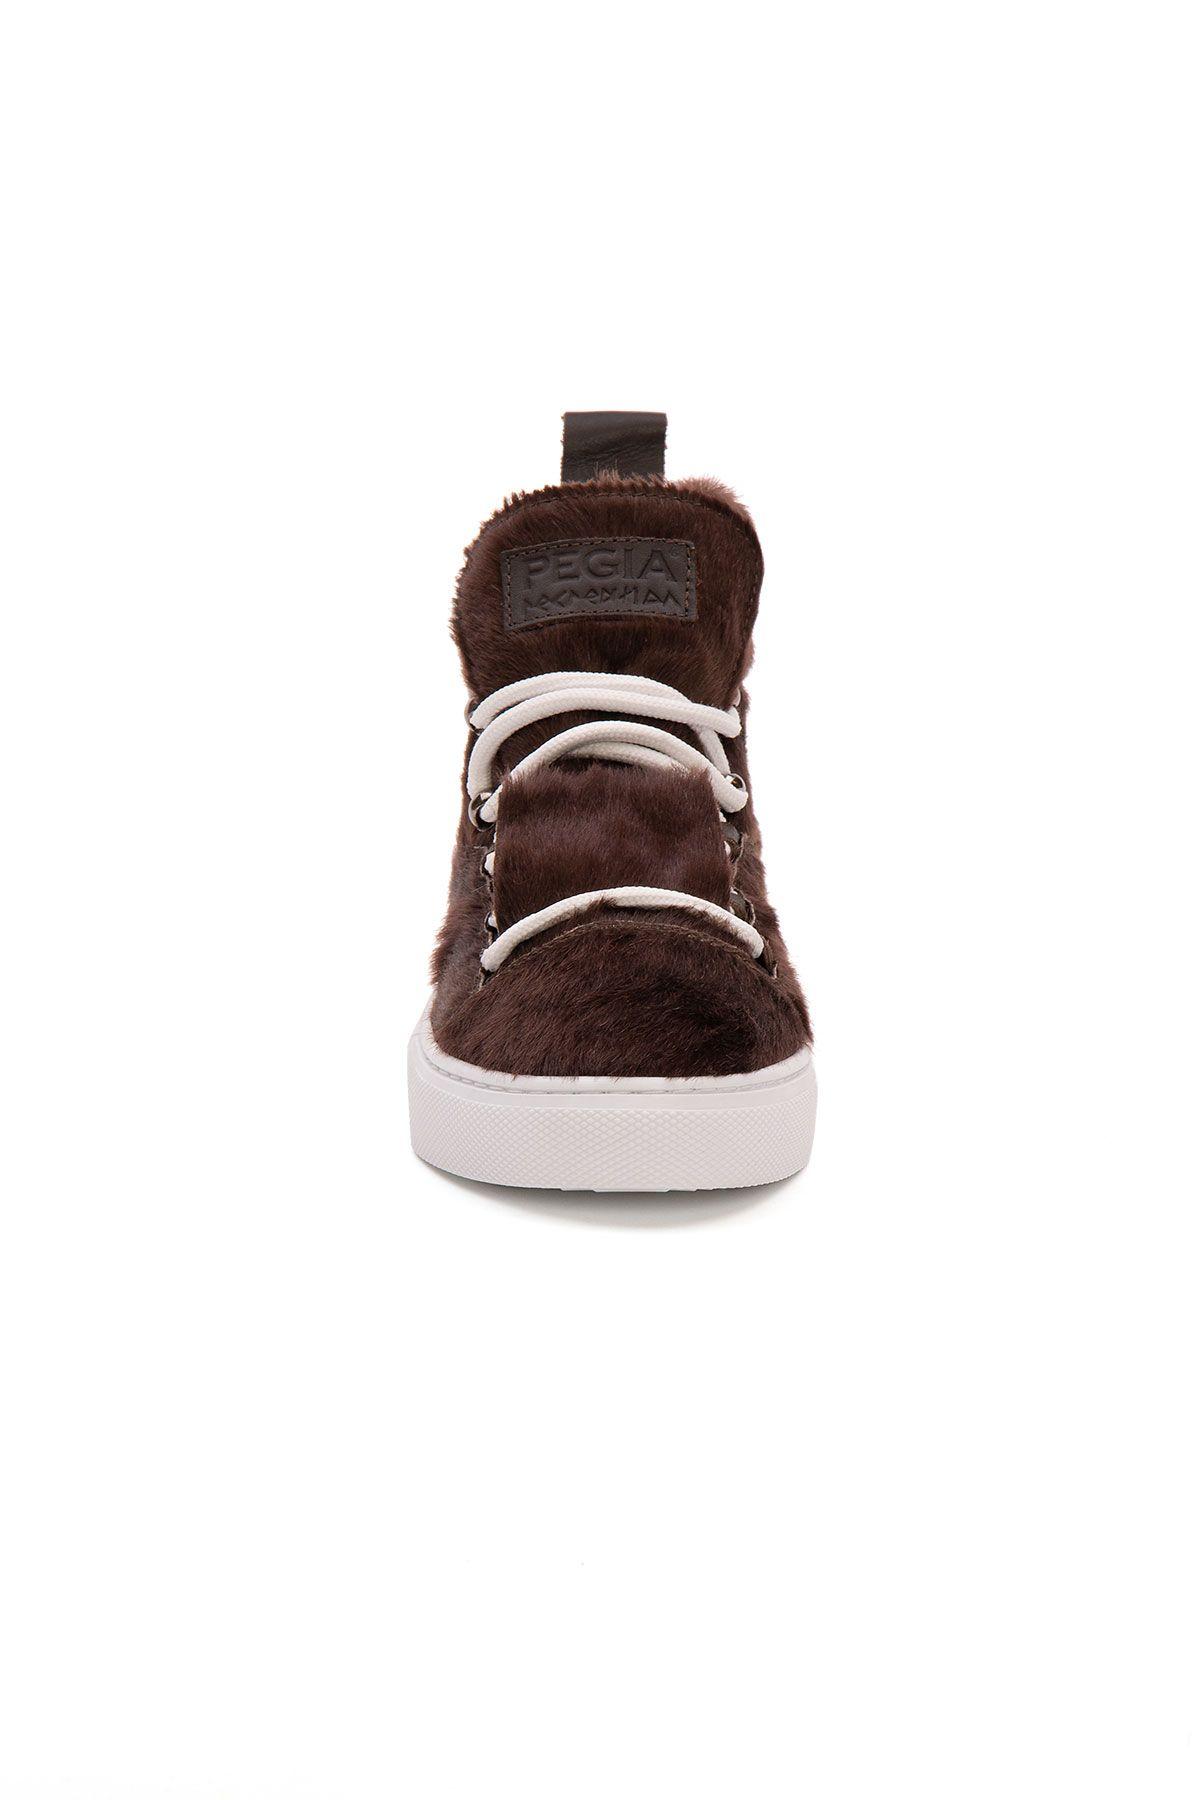 Pegia Genuine Leather Women's Sneaker LA1324 Brown